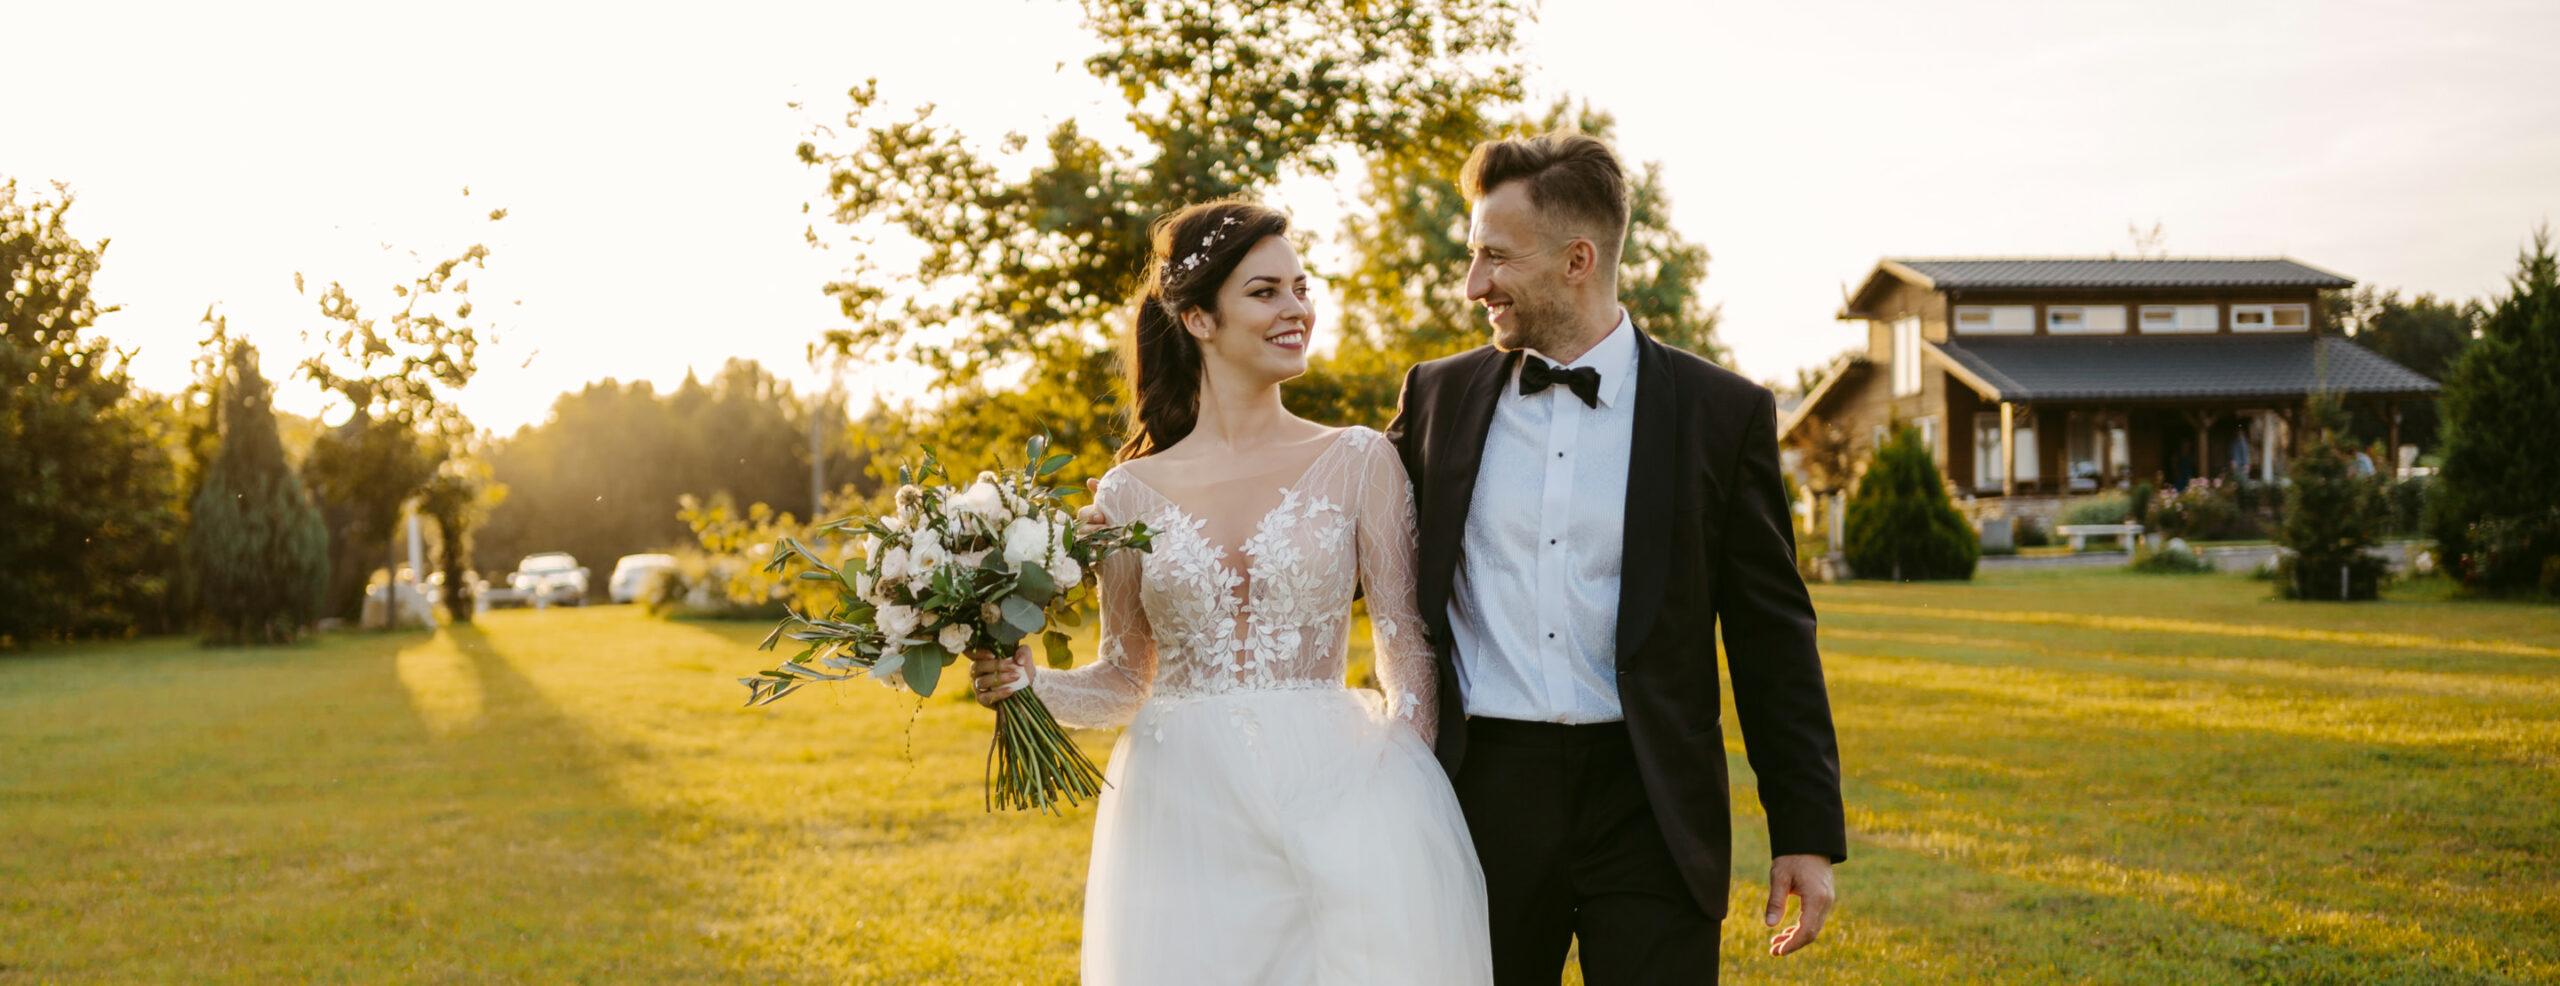 wesele w dworzyszcze wola, dworzyszcze wola, wesele dworzyszcze wola, piękne wesele w dworzyszcze wola